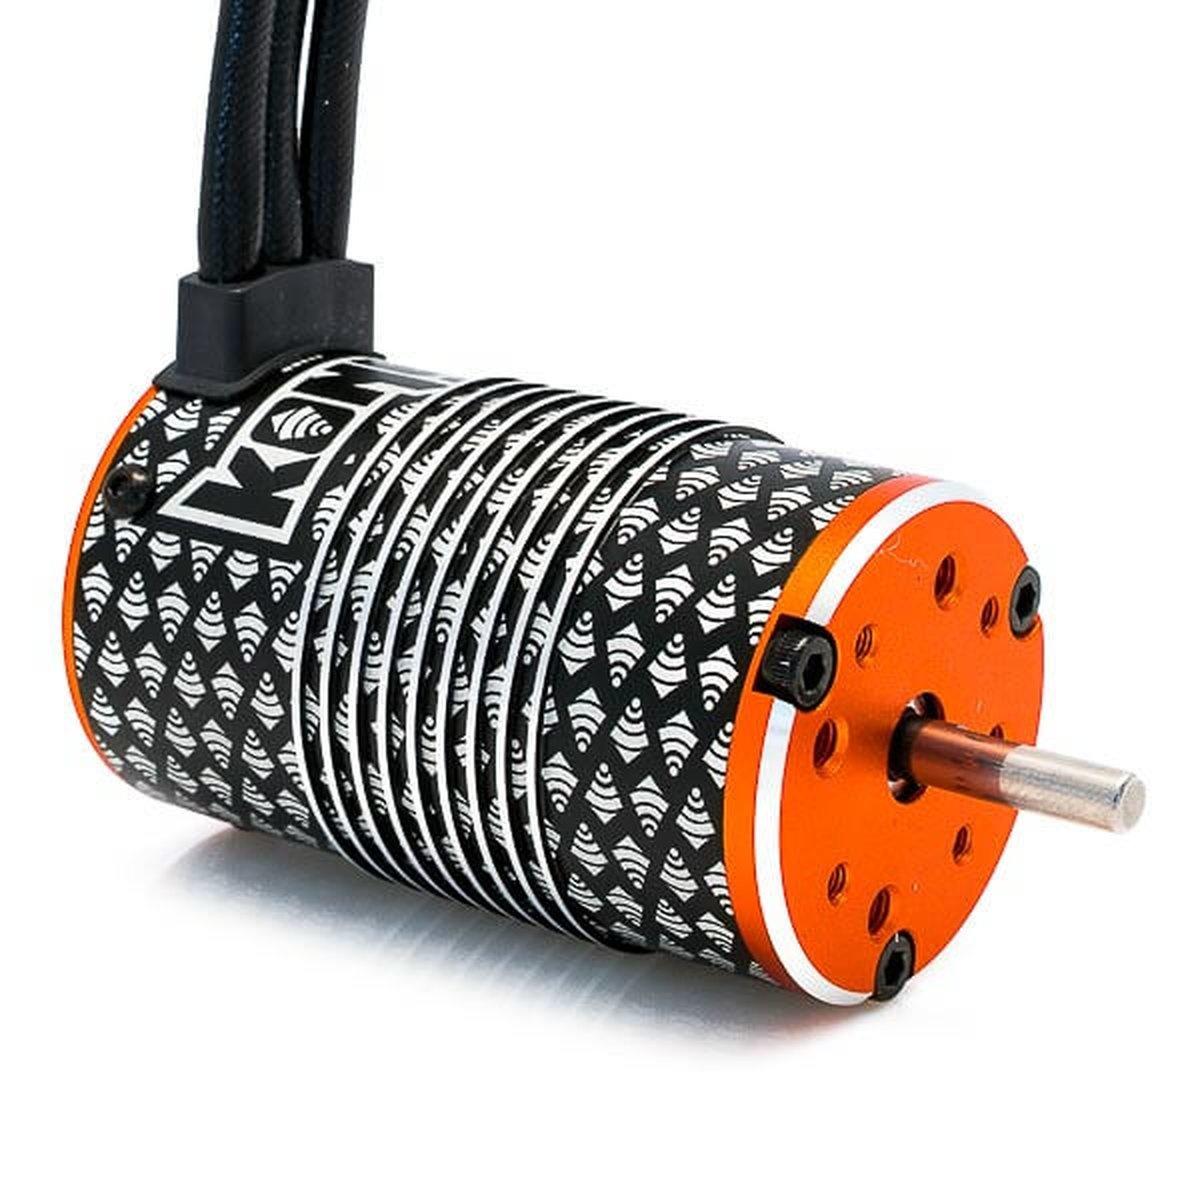 Brushless Motor 4268SL 1900KV 1:8